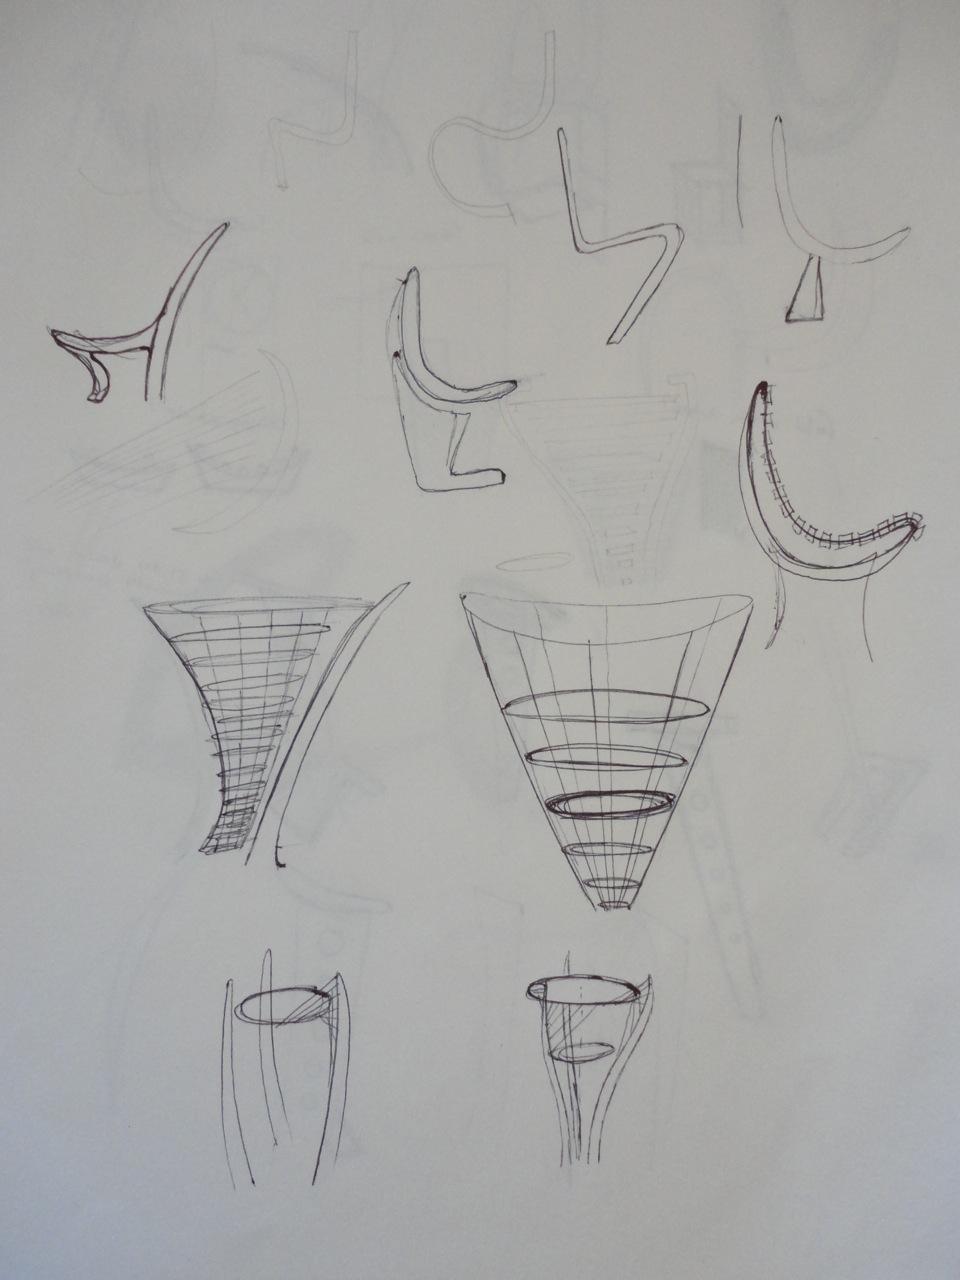 Random brainstorm sketches